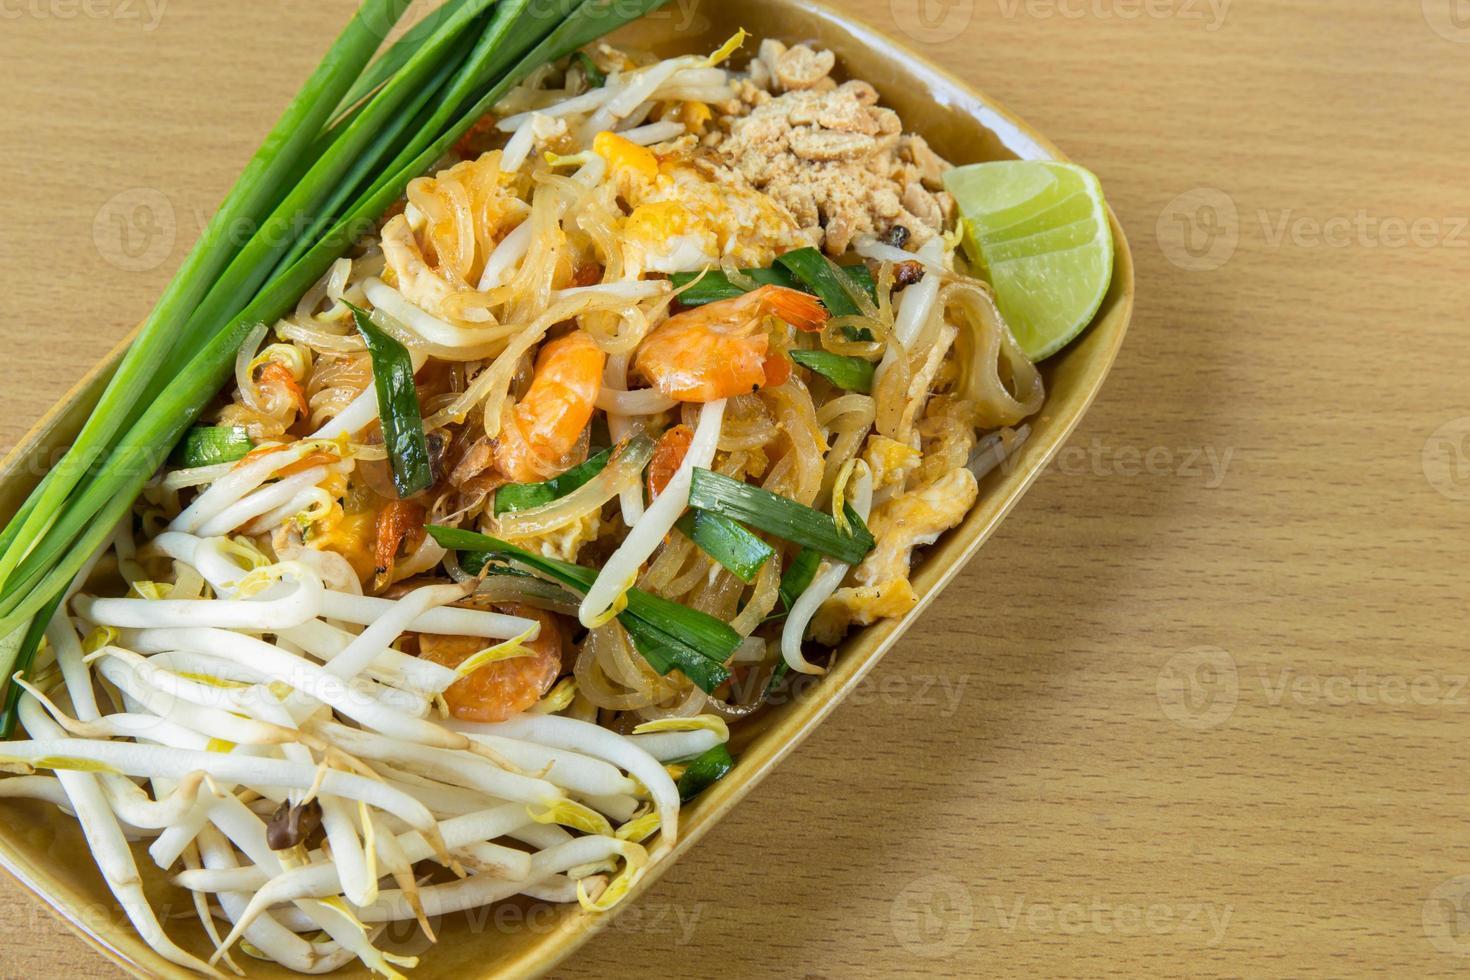 plats nationaux thaïlandais, nouilles sautées aux œufs, vegetab photo